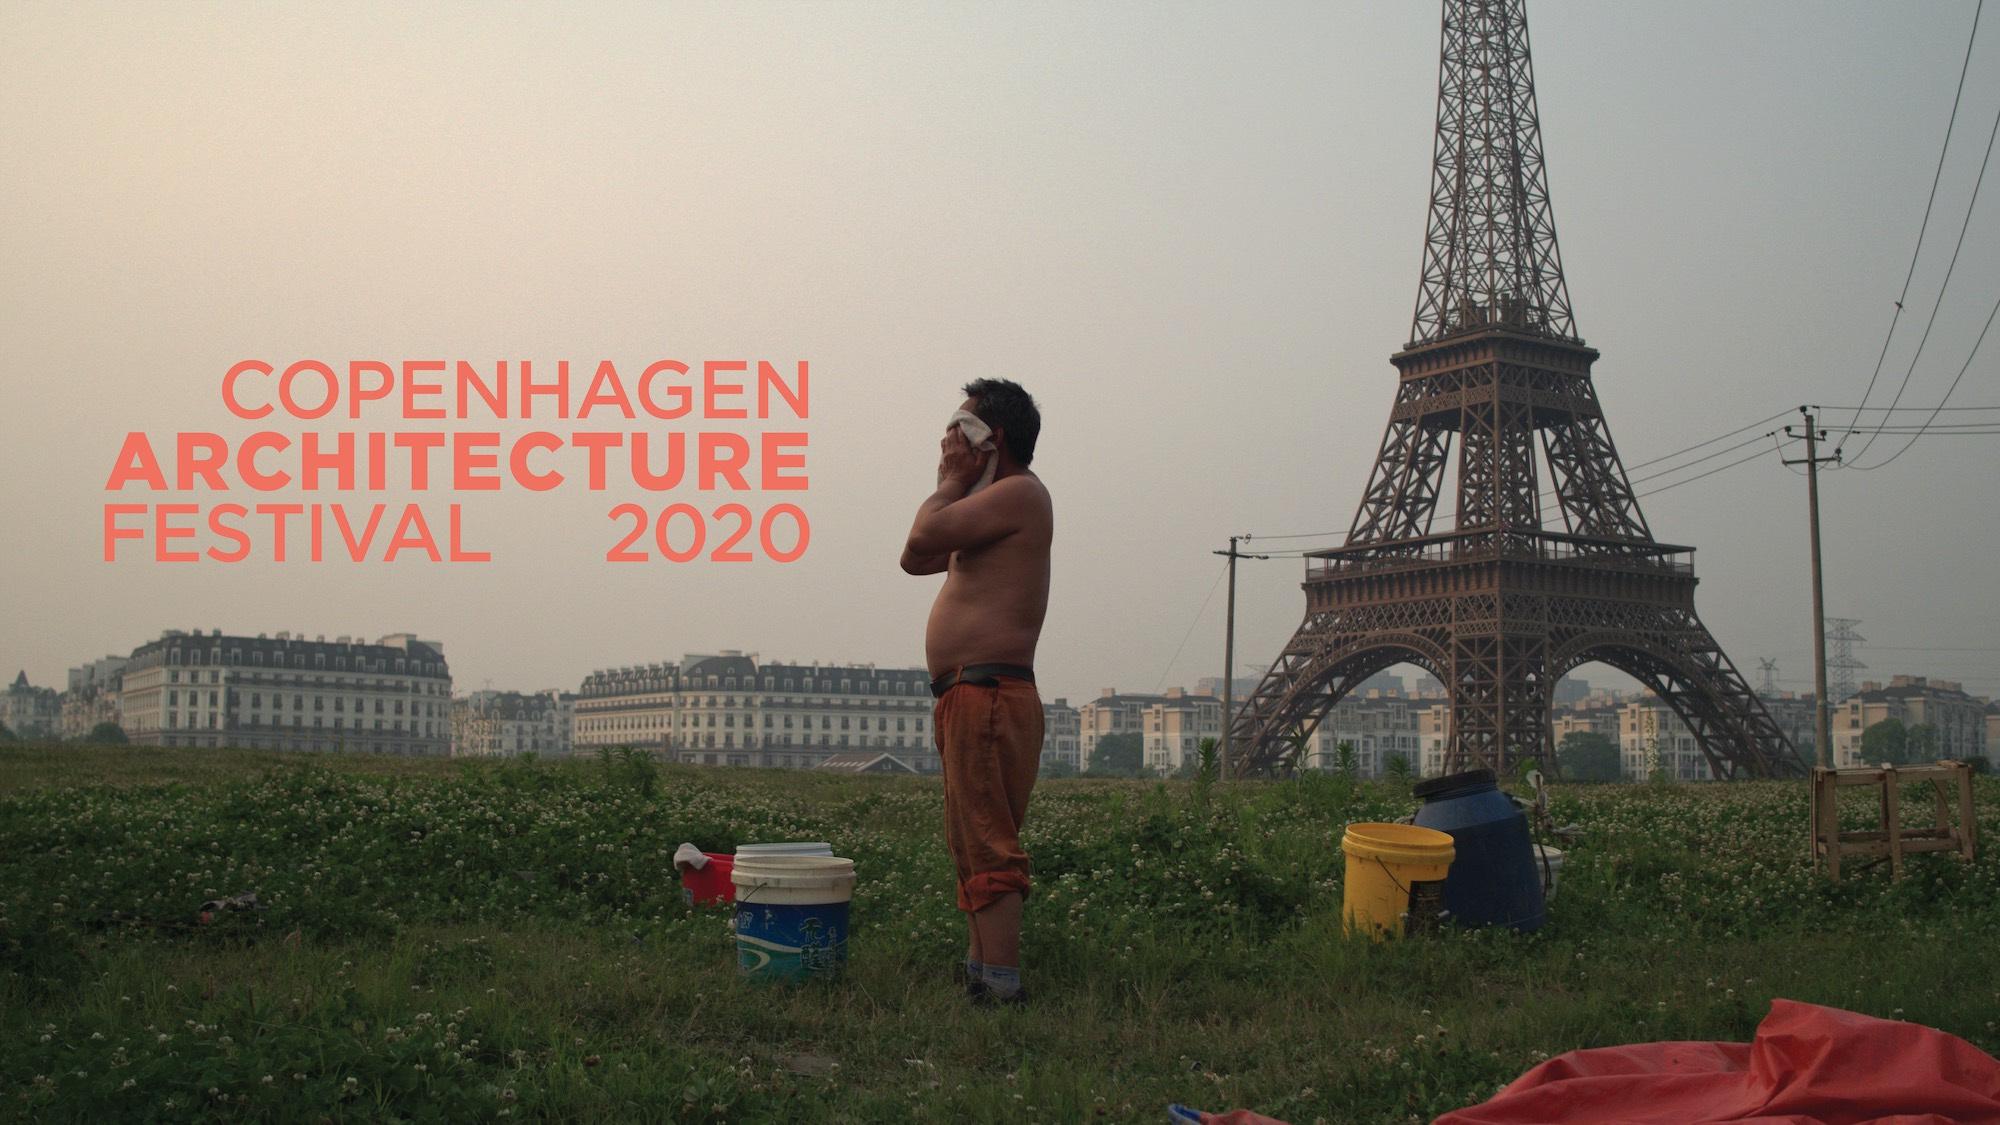 Mand tørrer sig i hovedet med håndklæde. Omkring ham i græsset står spande. Eiffeltårnet og bygninger i baggrund. Teksten Copenhagen Architecture Festival 2020 står til venstre.